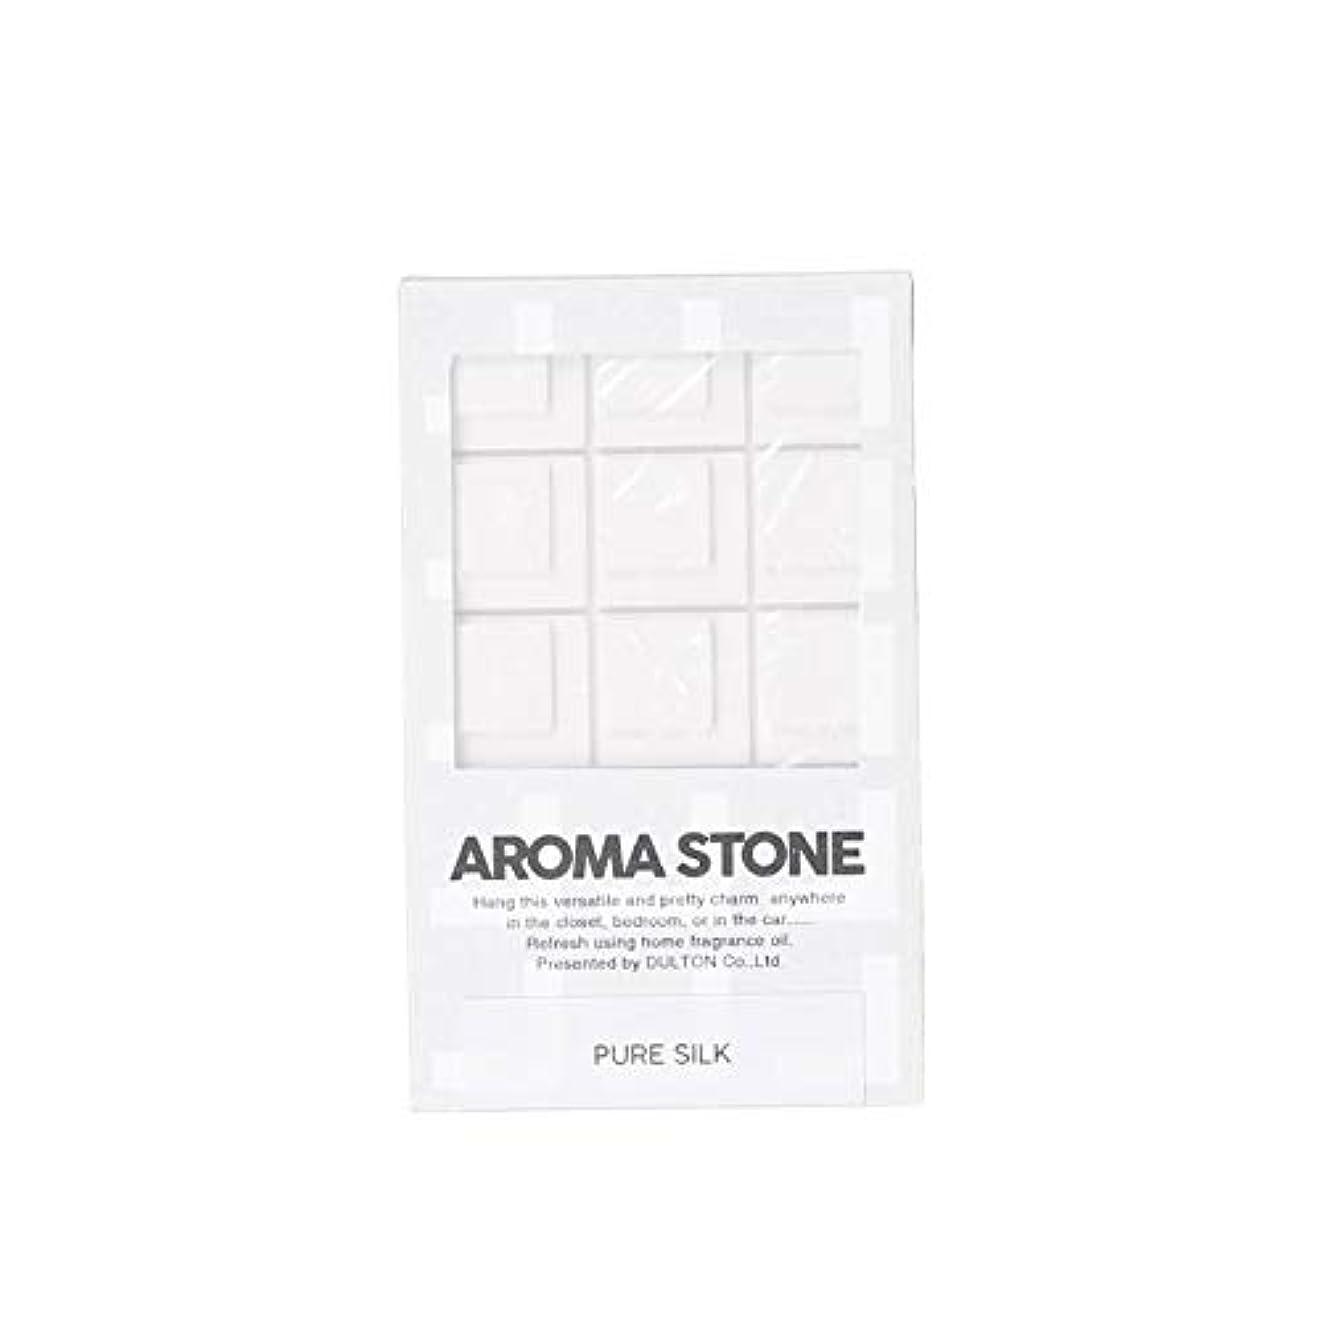 動的量で忌み嫌うダルトン Aroma stone アロマストーン G975-1268 Pure silk